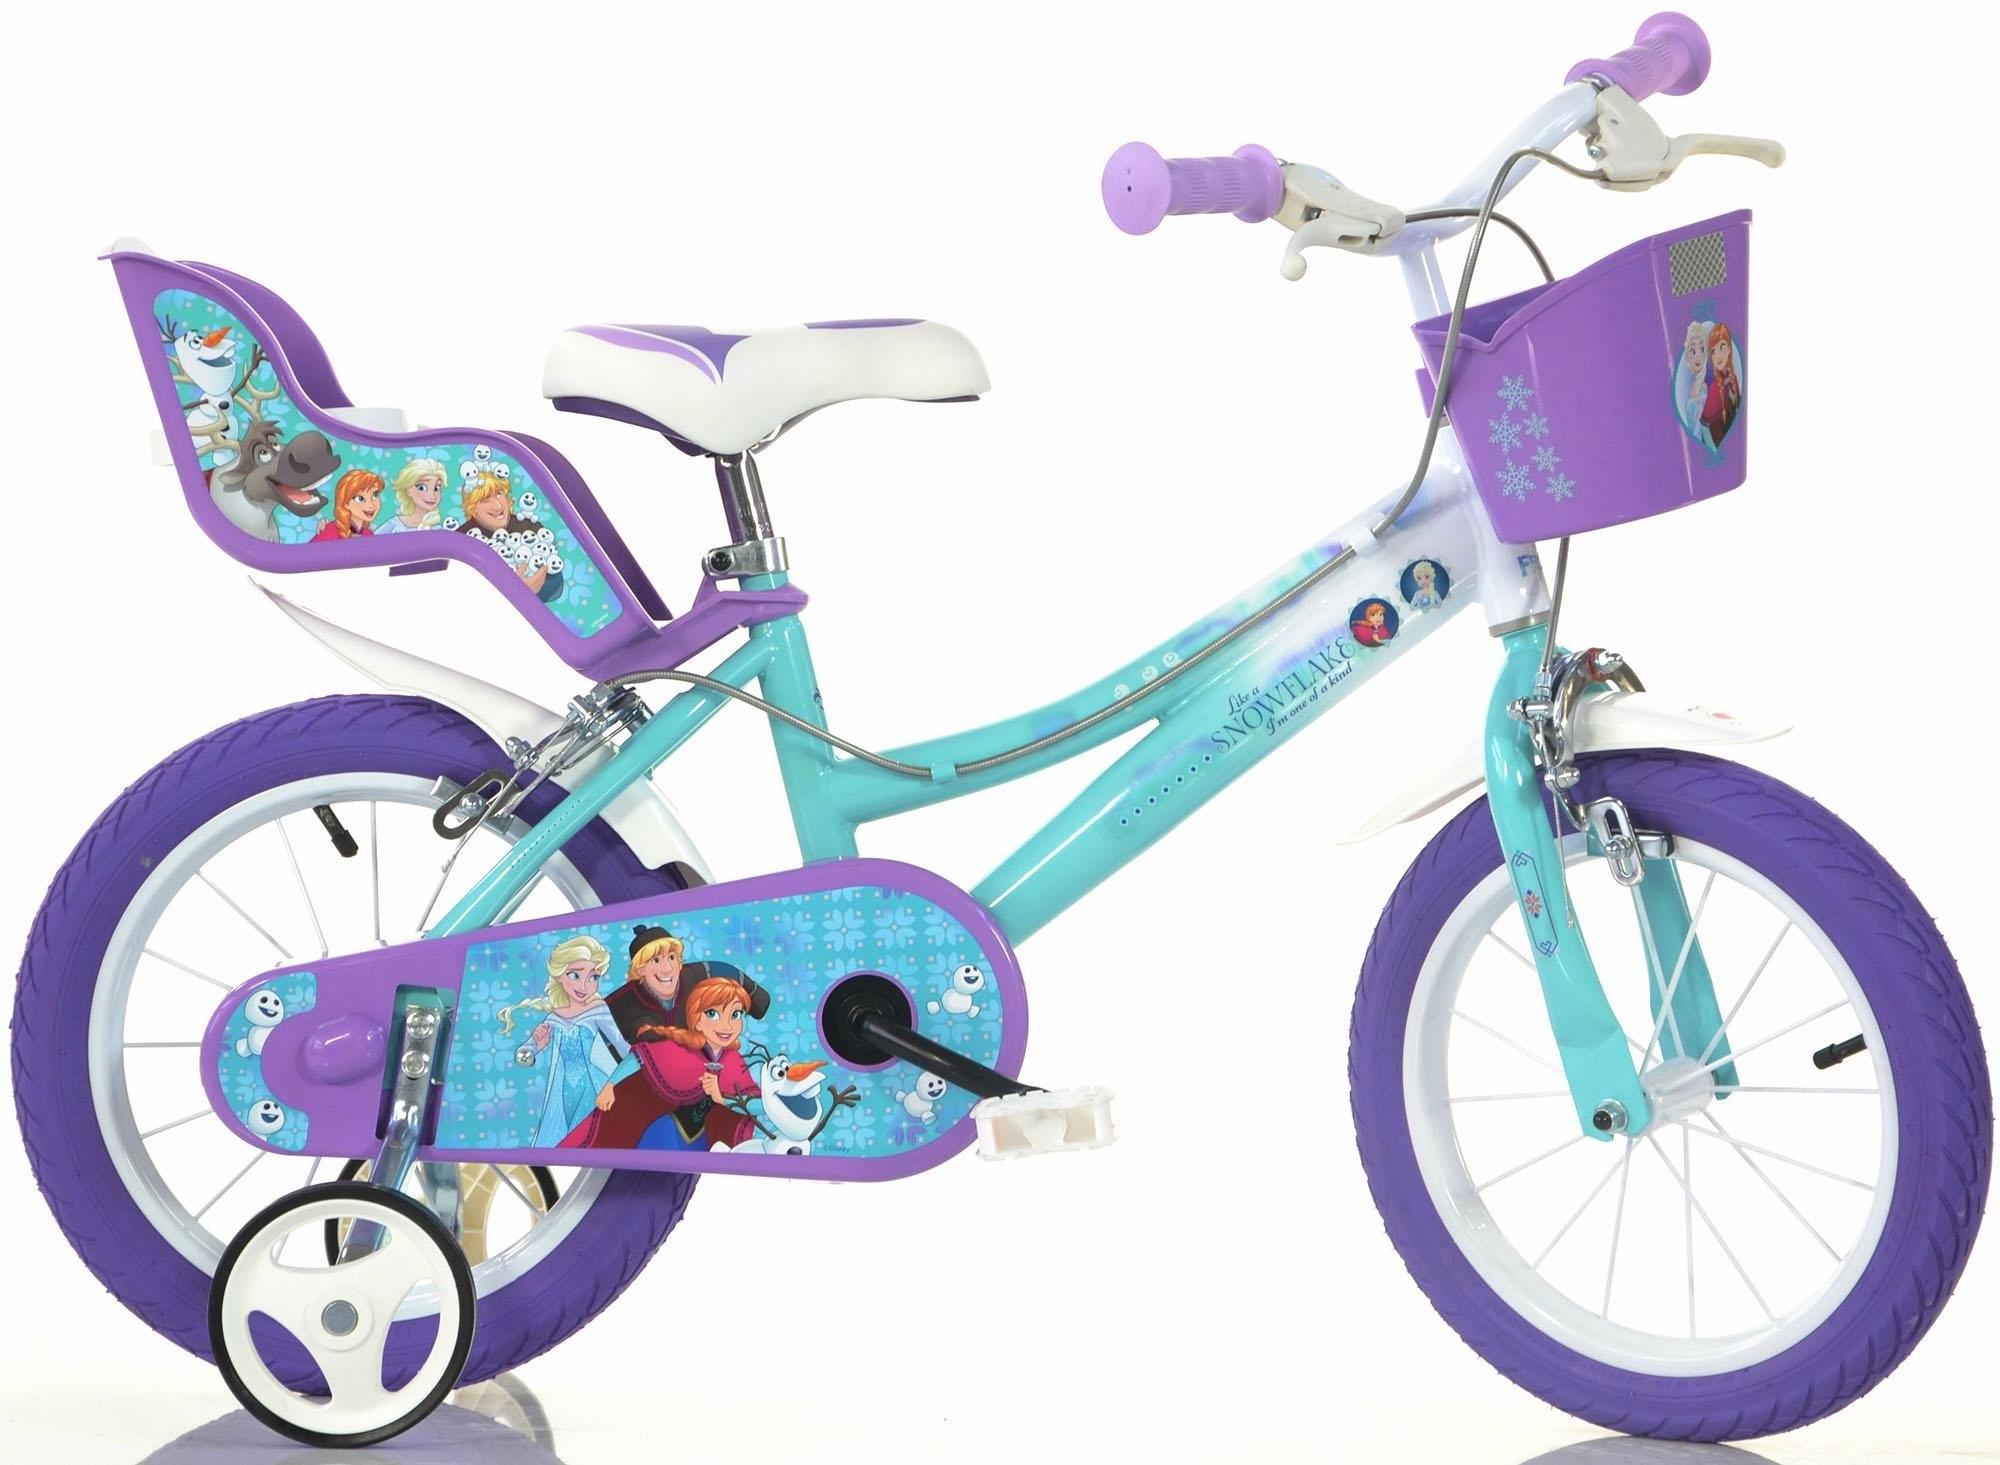 Dino kinderfiets voor meisje, 14 inch, 1 versnelling, »Frozen« - verschillende betaalmethodes